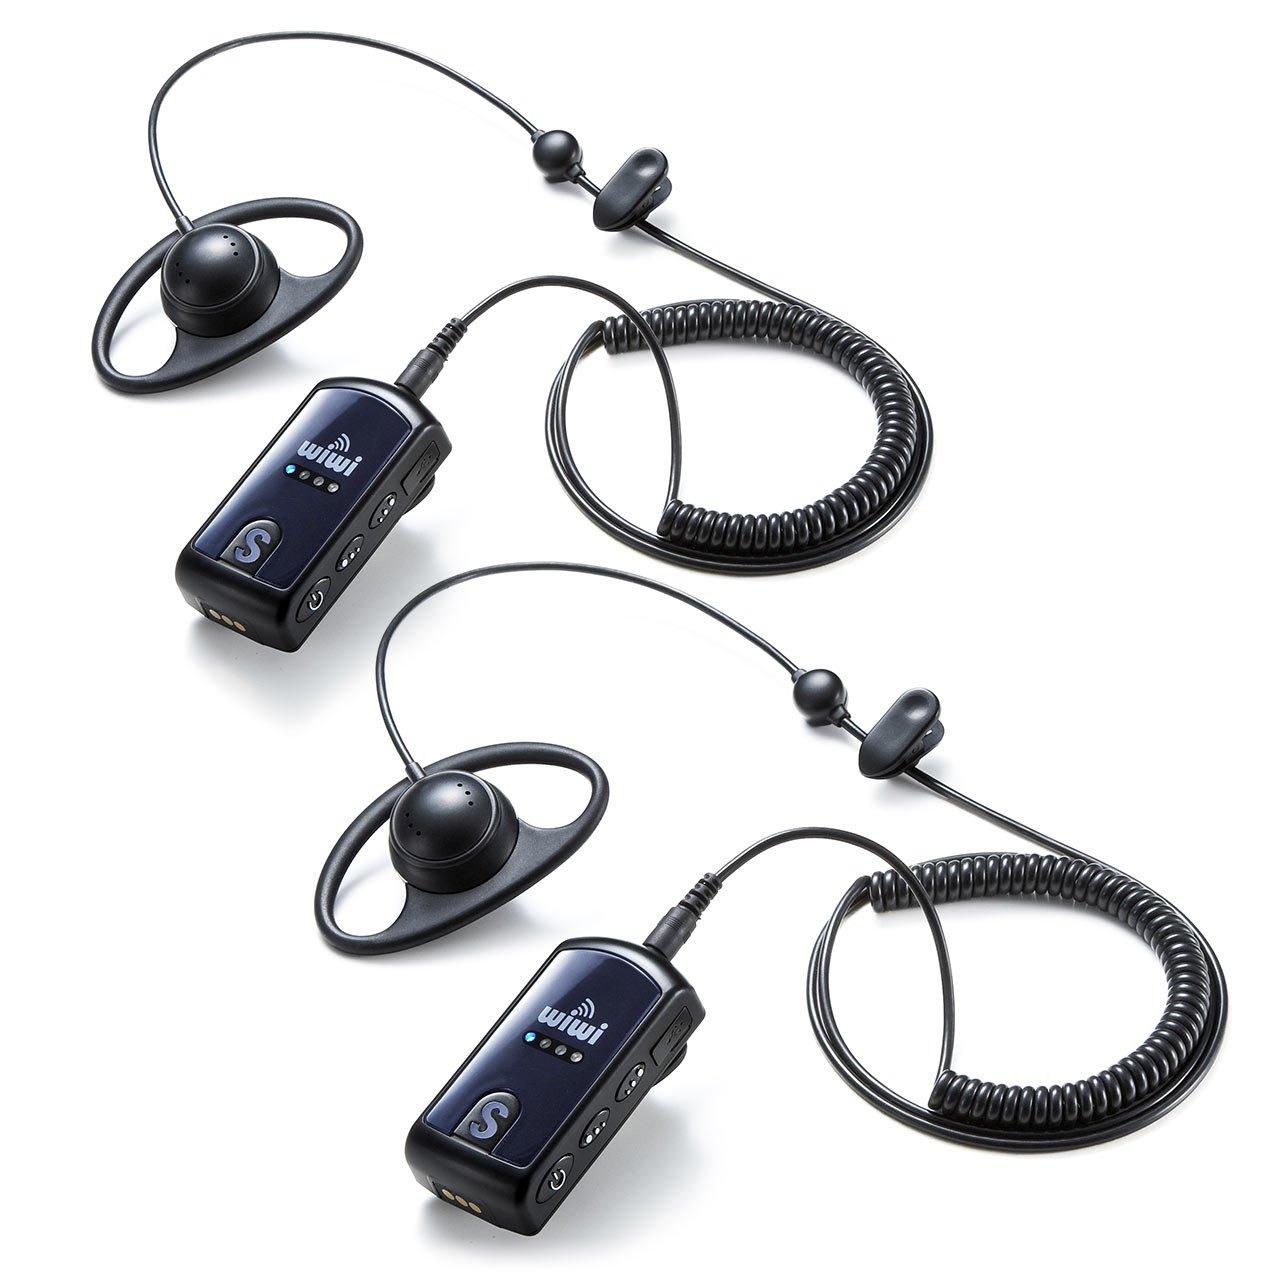 サンワダイレクト ワイヤレスガイド システム 【2台セット】 ガイド用イヤホンマイク 多人数での無線機 最大255台接続 400-HSGS001-2 B071WNJHQ3  2個セット